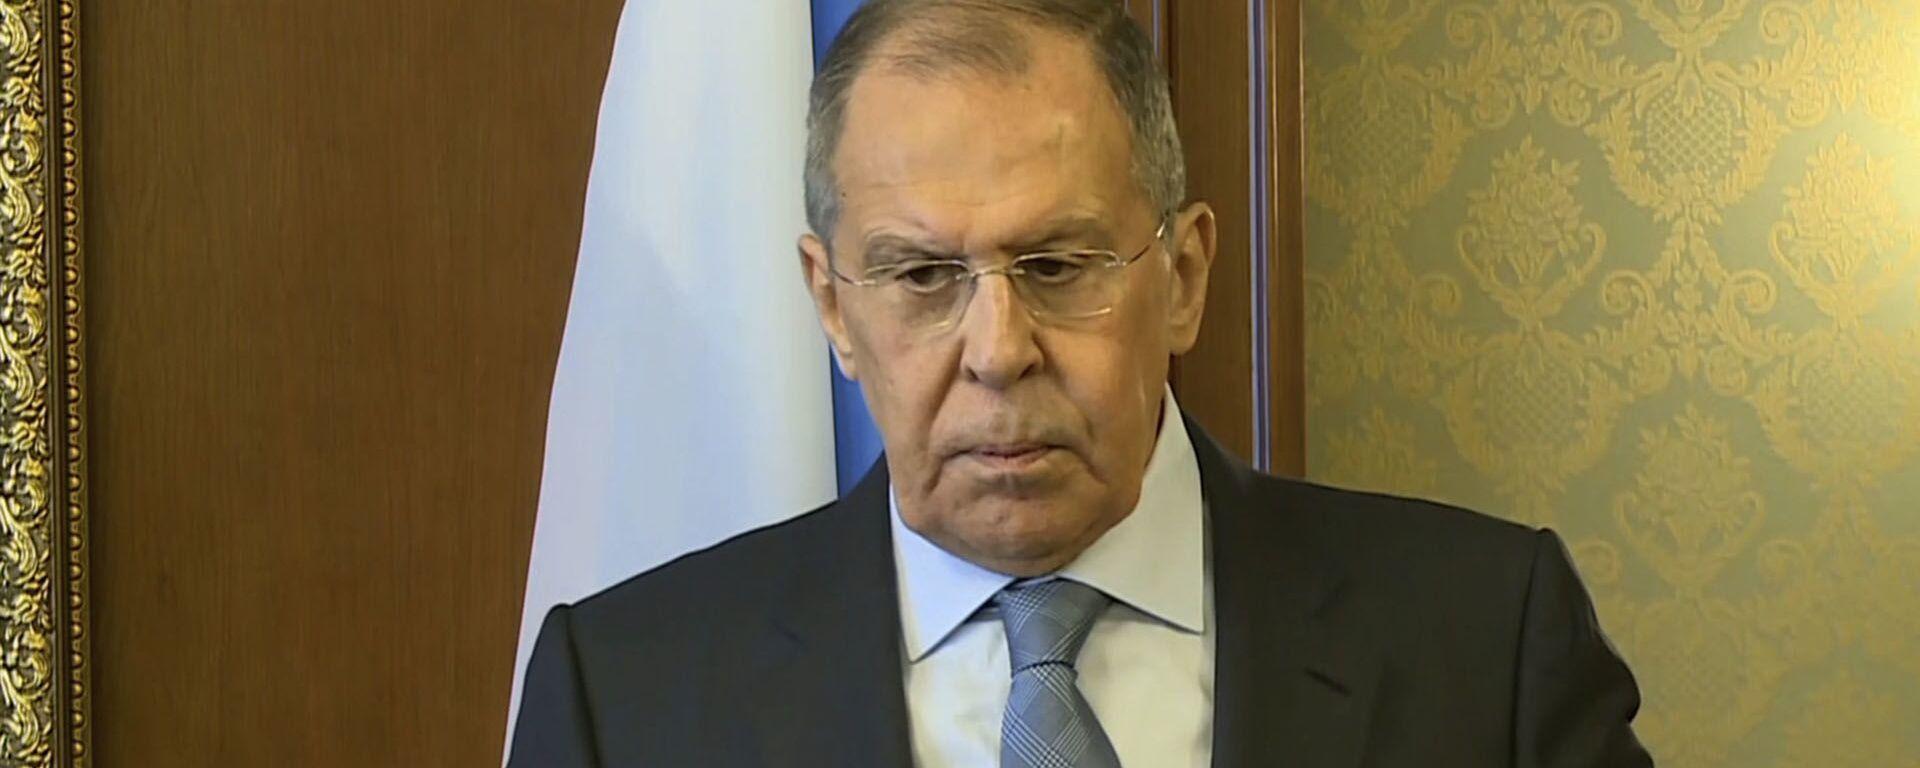 Лавров: Евросоюз сам разрушил отношения с Россией - Sputnik Узбекистан, 1920, 15.02.2021